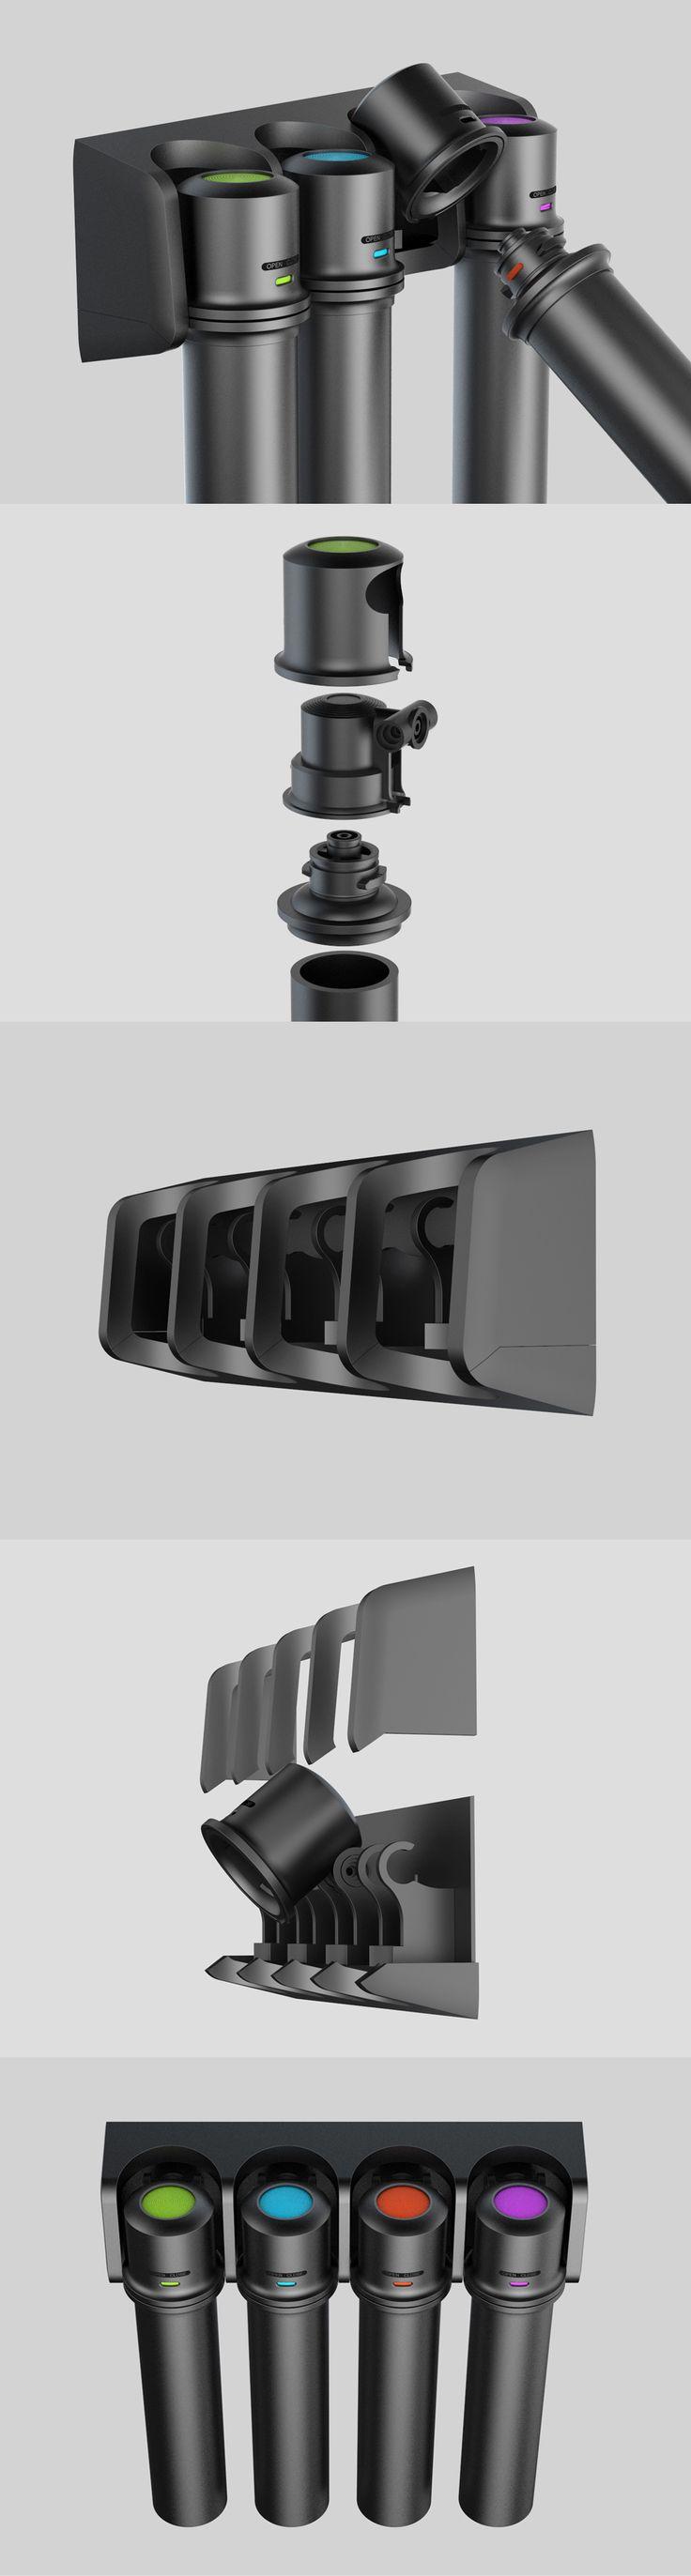 #제품디자인 #제품 #정수기 #빌트인 #line #minimal #black #디자인 #아이디어 #디자이너 #라우드소싱 #레퍼런스 #product #design 빌트인정수기 언더씽크정수기 제품 디자인 공모전 injz님의 작품이 우승작으로 선정되었습니다.